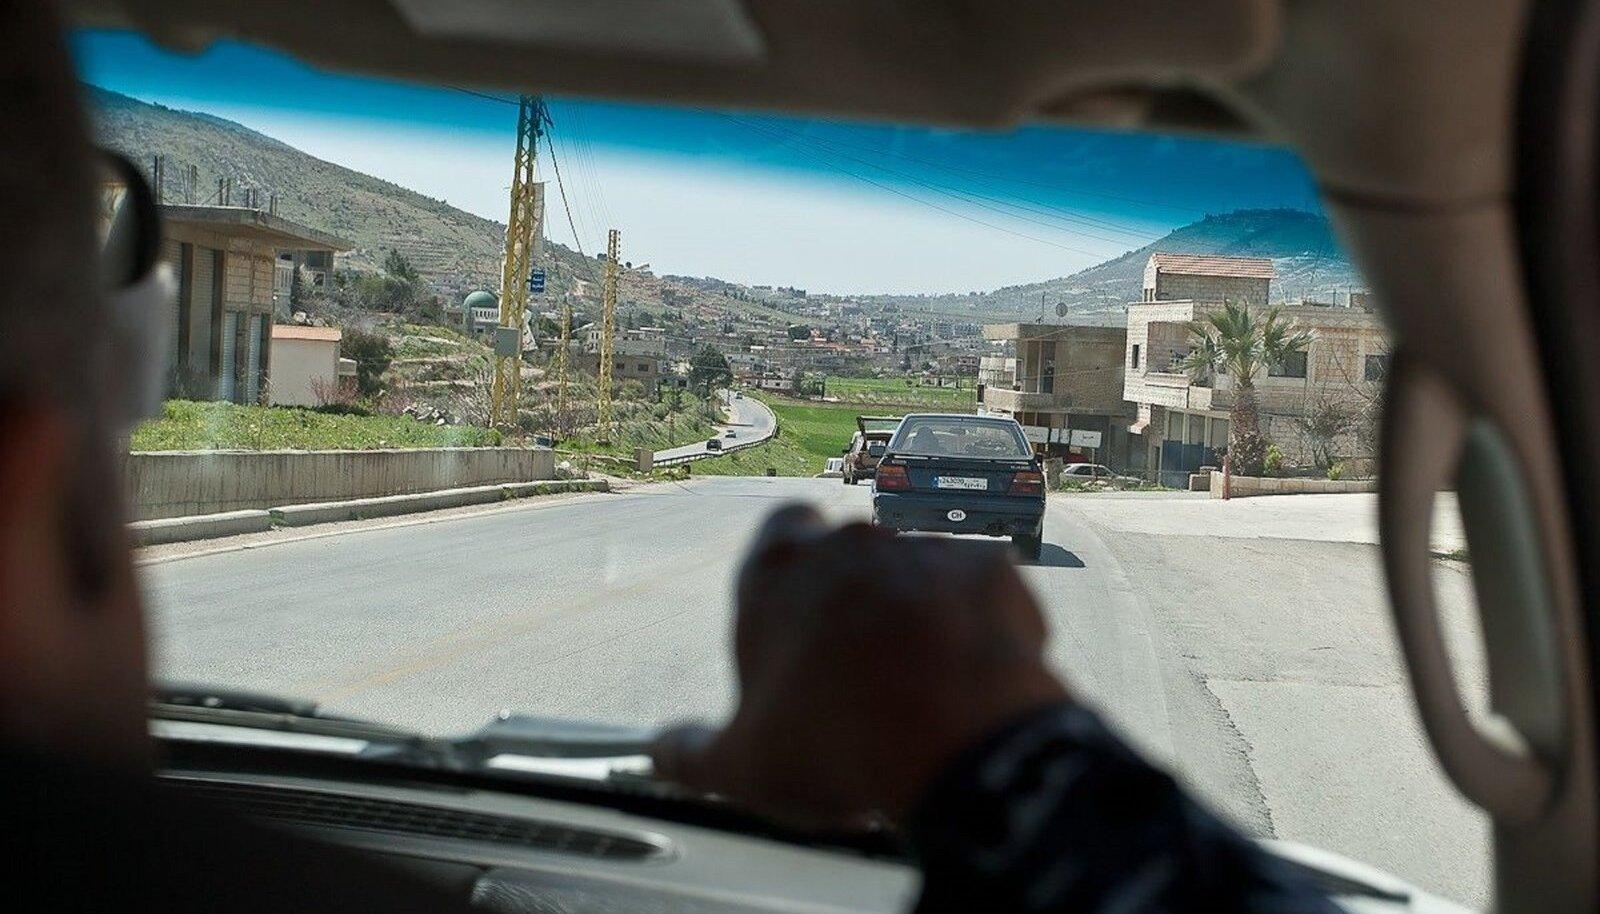 KADUNUD: Liibanonis asuvast Bekaa orust sai 2011. aastal Eesti ajakirjanduse jaoks üks kuumimaid kohti, sest seal rööviti sama aasta märtsis seitse Eesti jalgratturit.